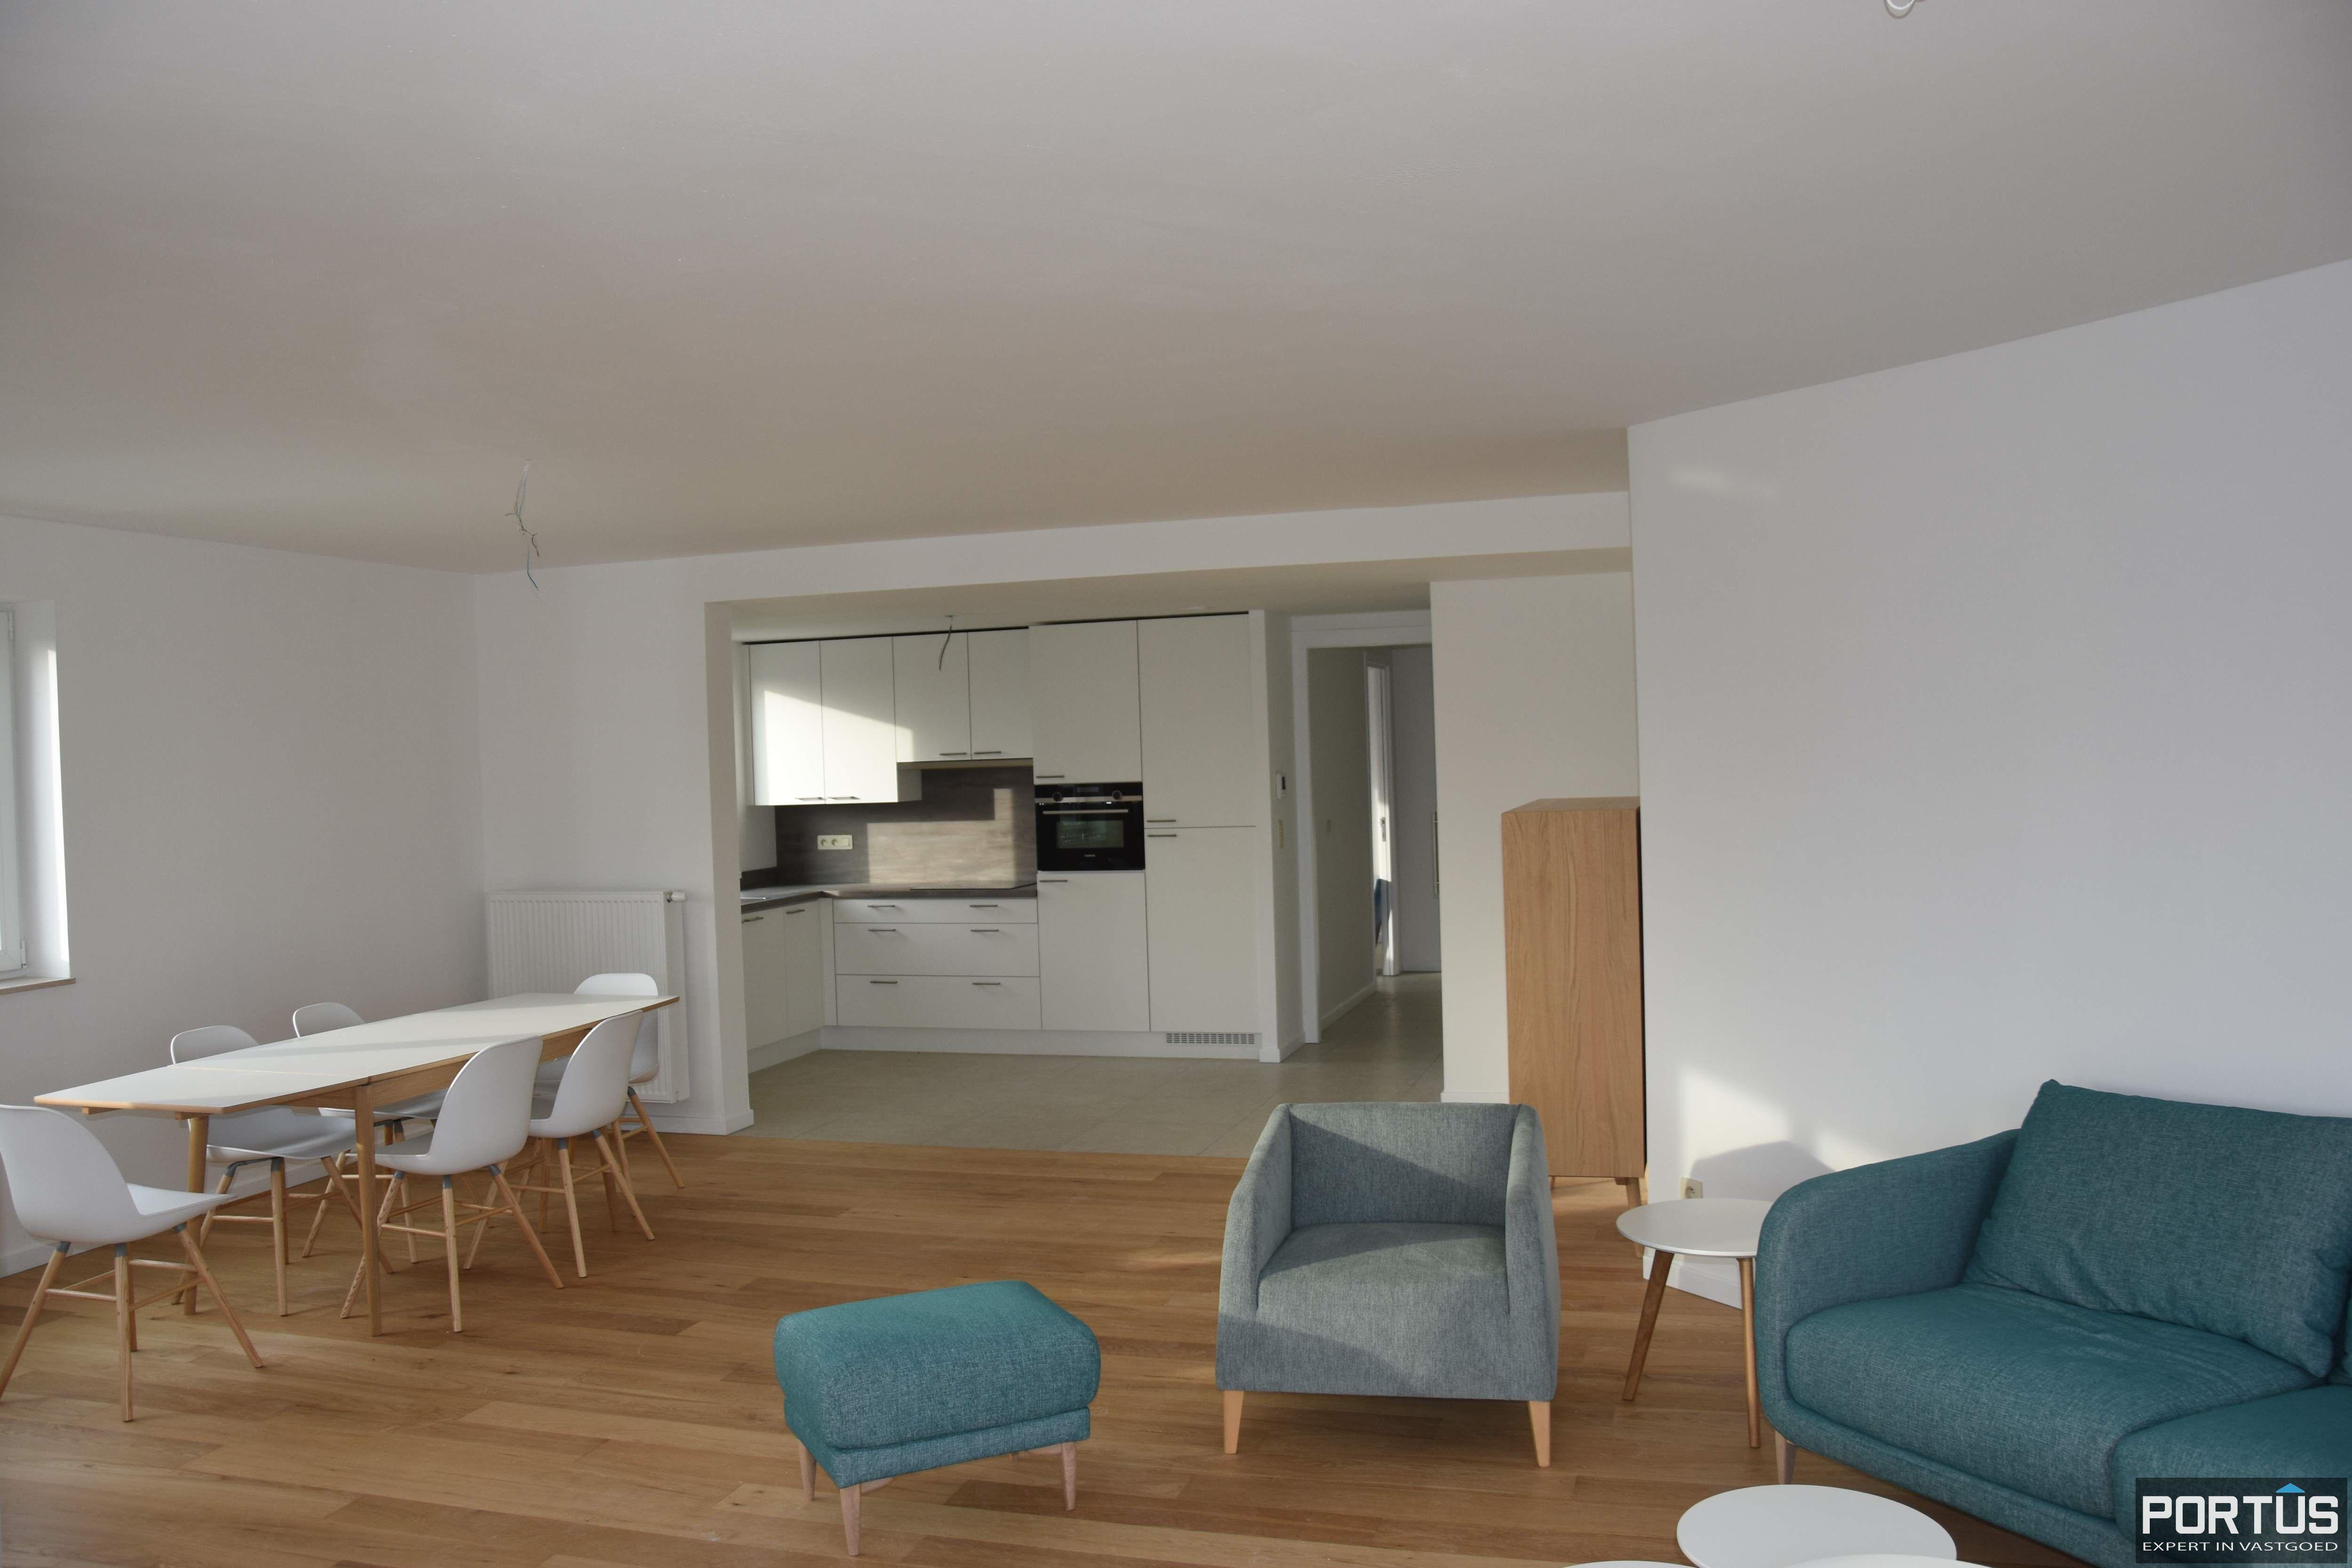 Appartement Residentie Villa Crombez Nieuwpoort - 12190